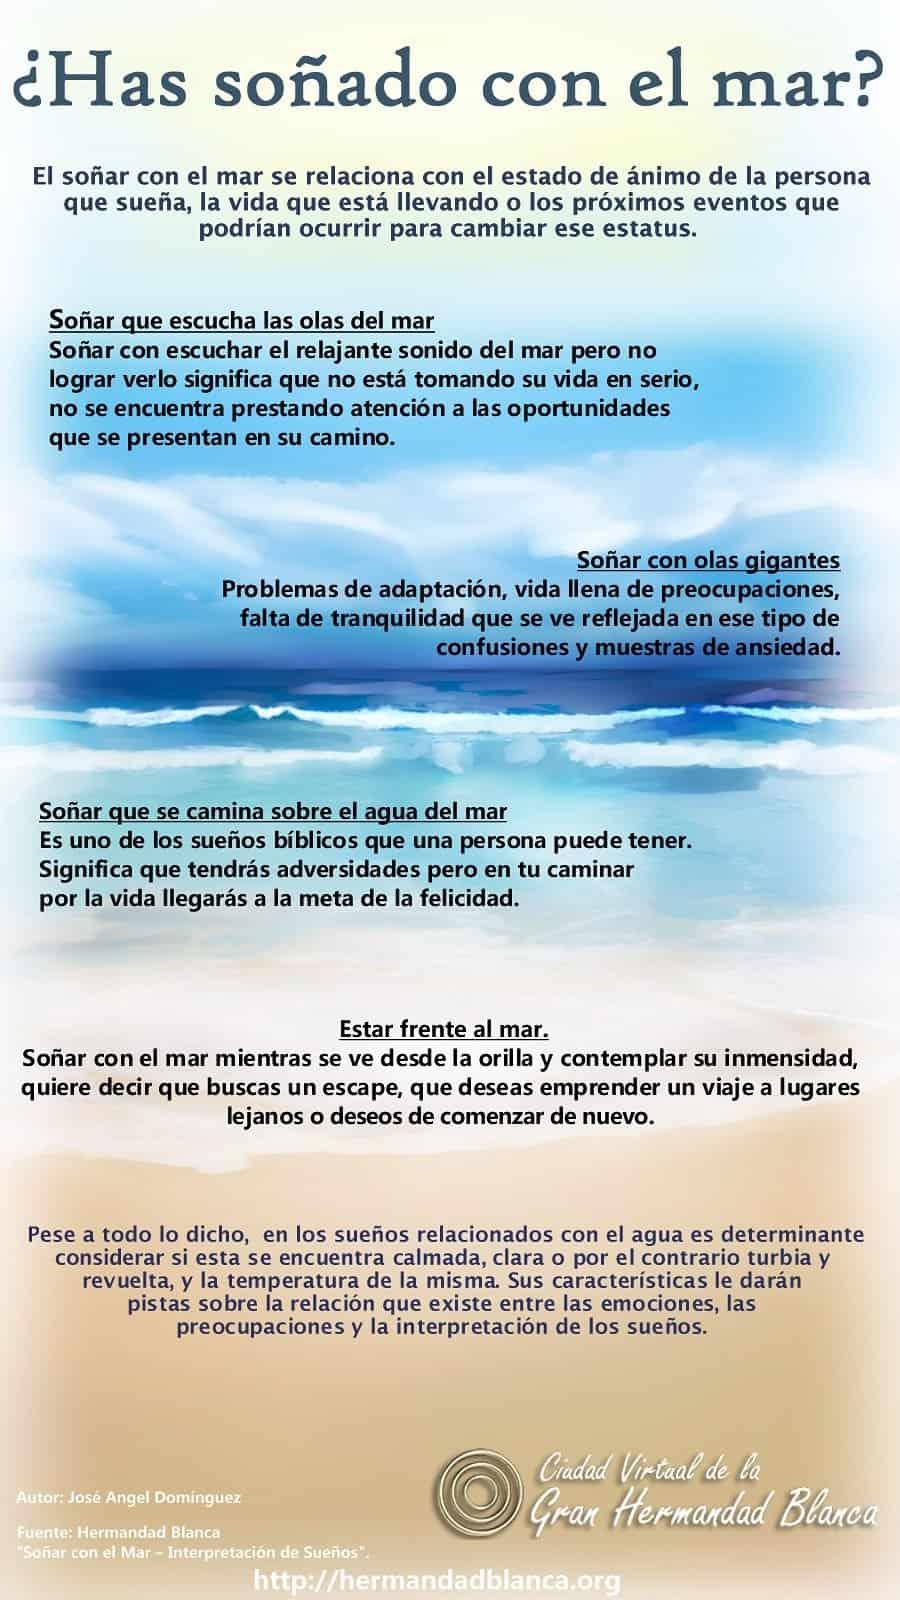 Infografía de Luz: ¿Has soñado con el mar? Interpretación de Sueños.